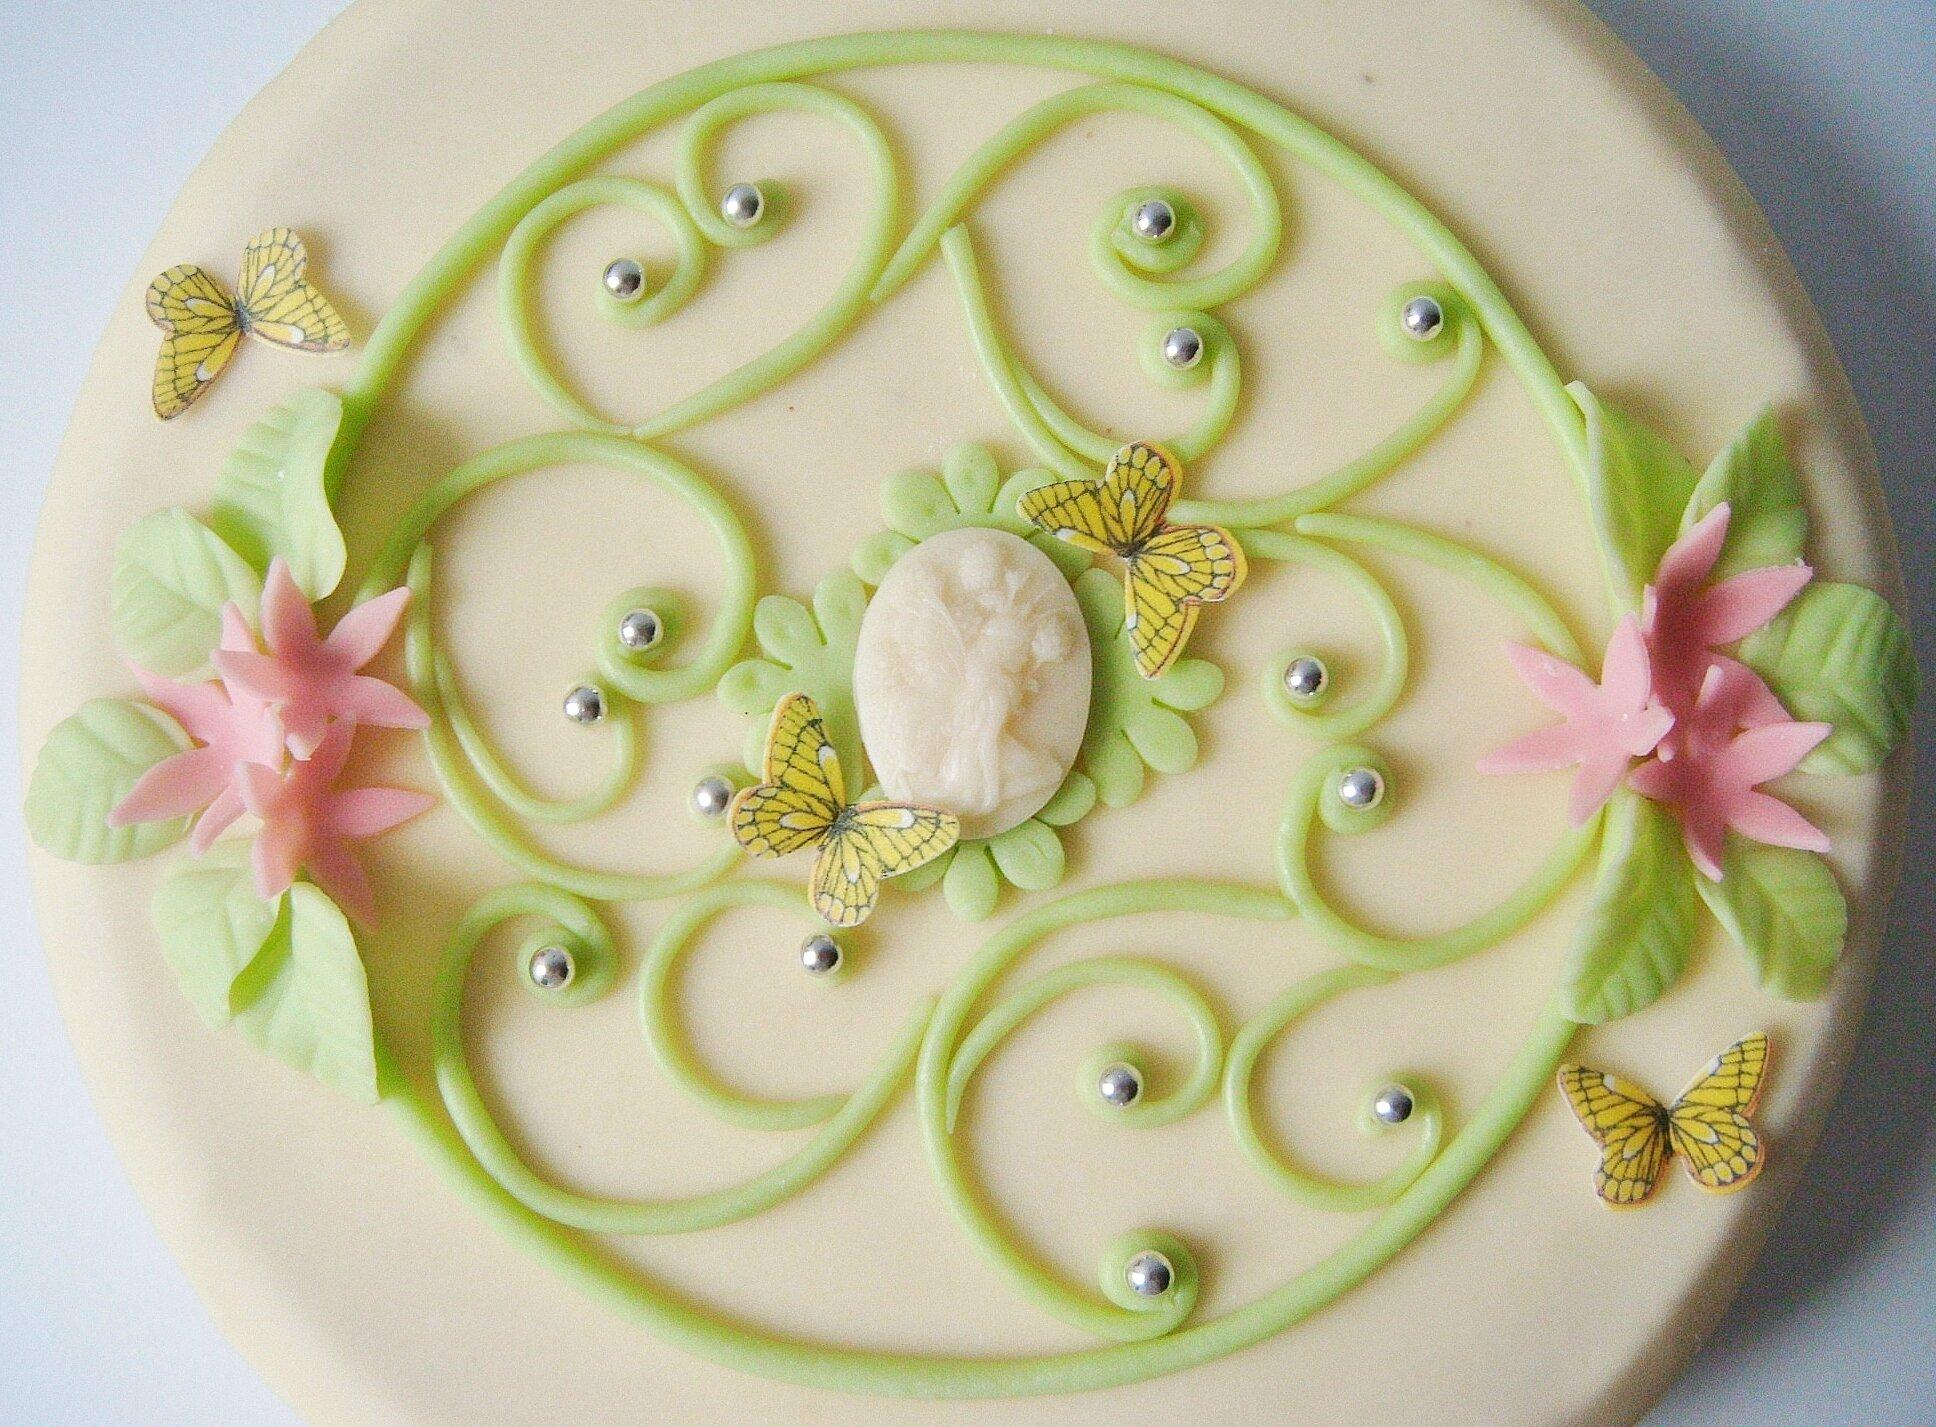 Decoration des gateau en pate d'amande